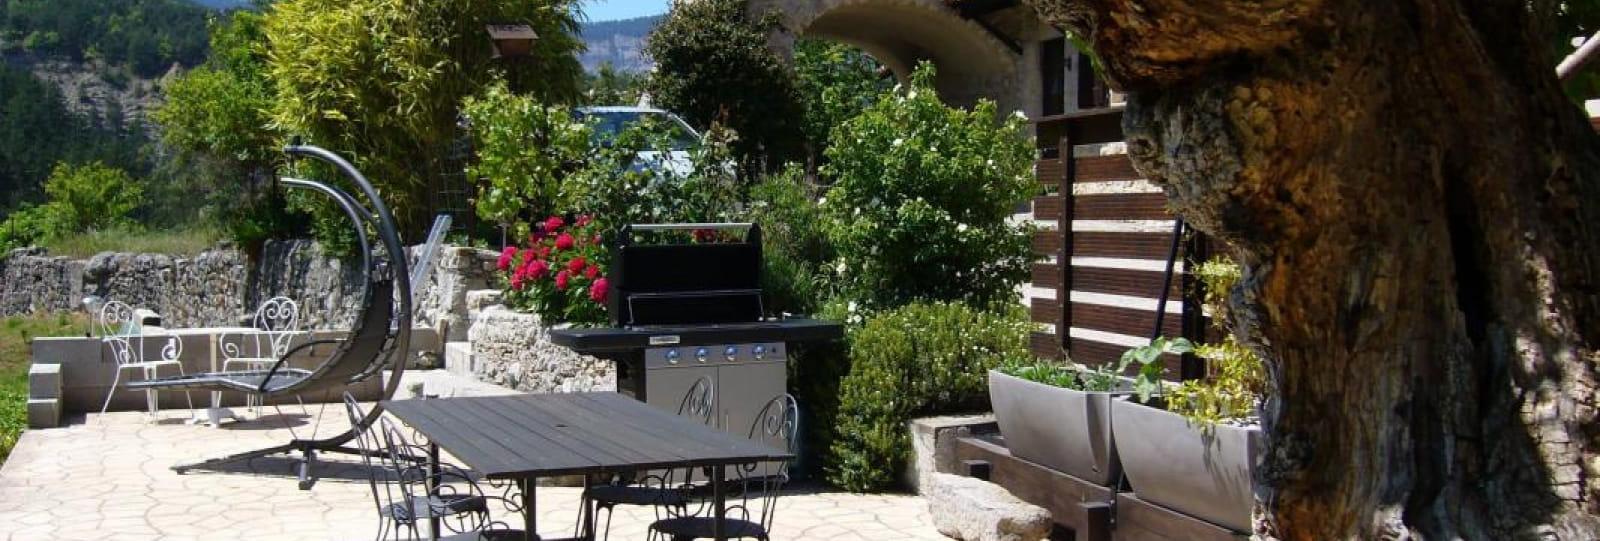 La grande terrasse et le barbecue à la demande.